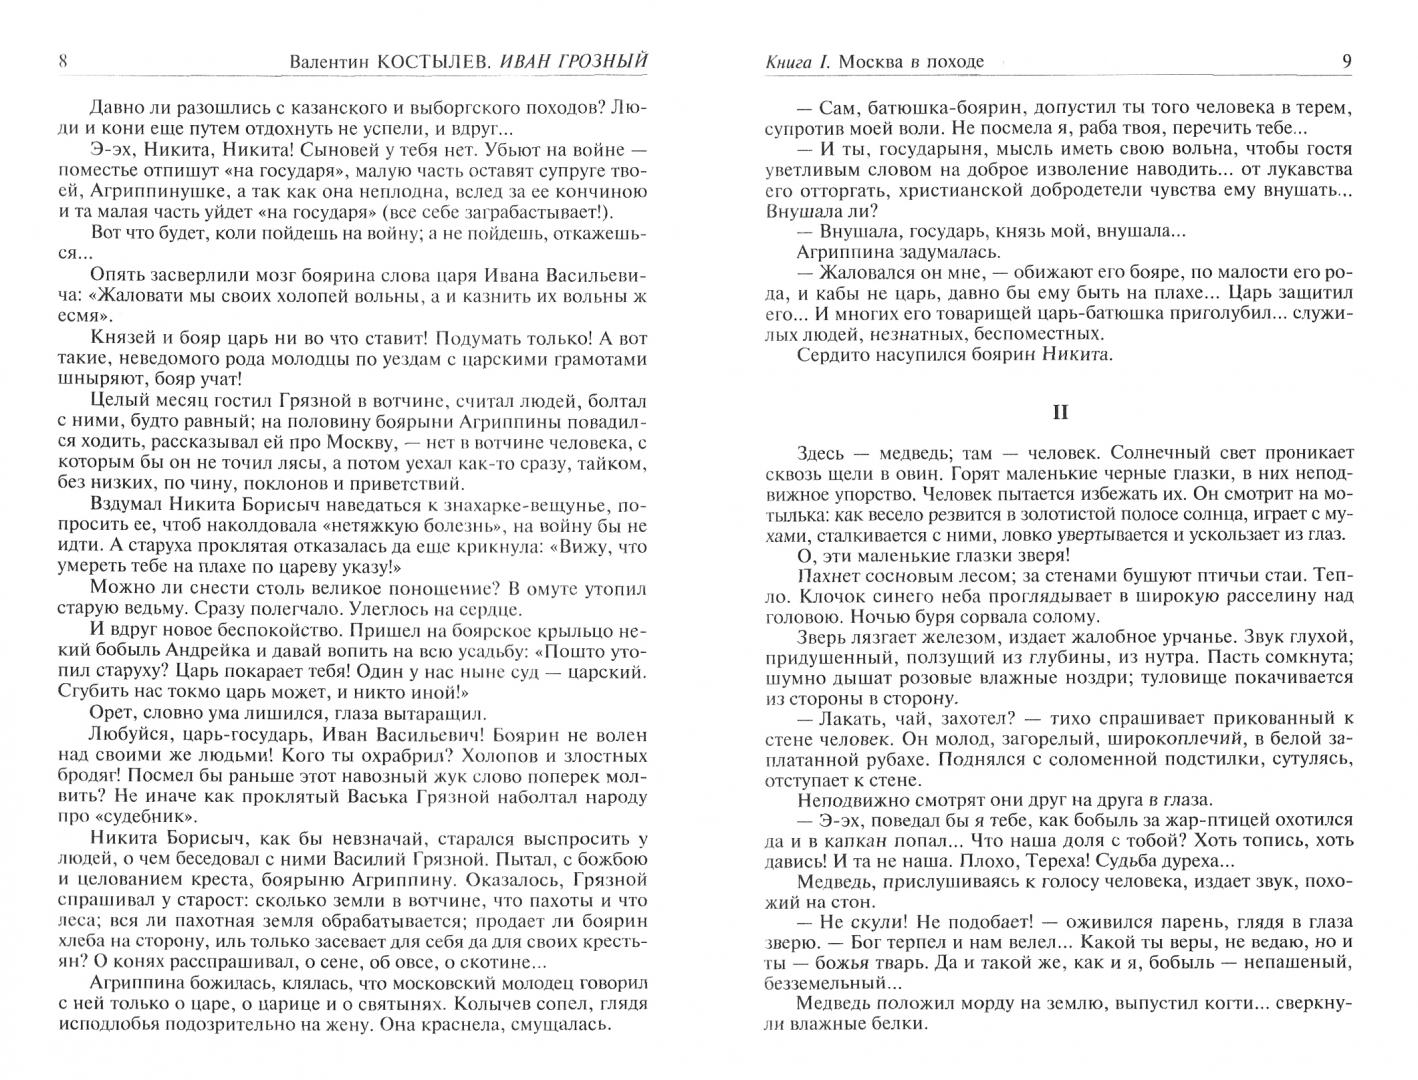 Иллюстрация 1 из 16 для Иван Грозный. Исторический роман в трех книгах. Полное издание в одном томе - Валентин Костылев | Лабиринт - книги. Источник: Лабиринт